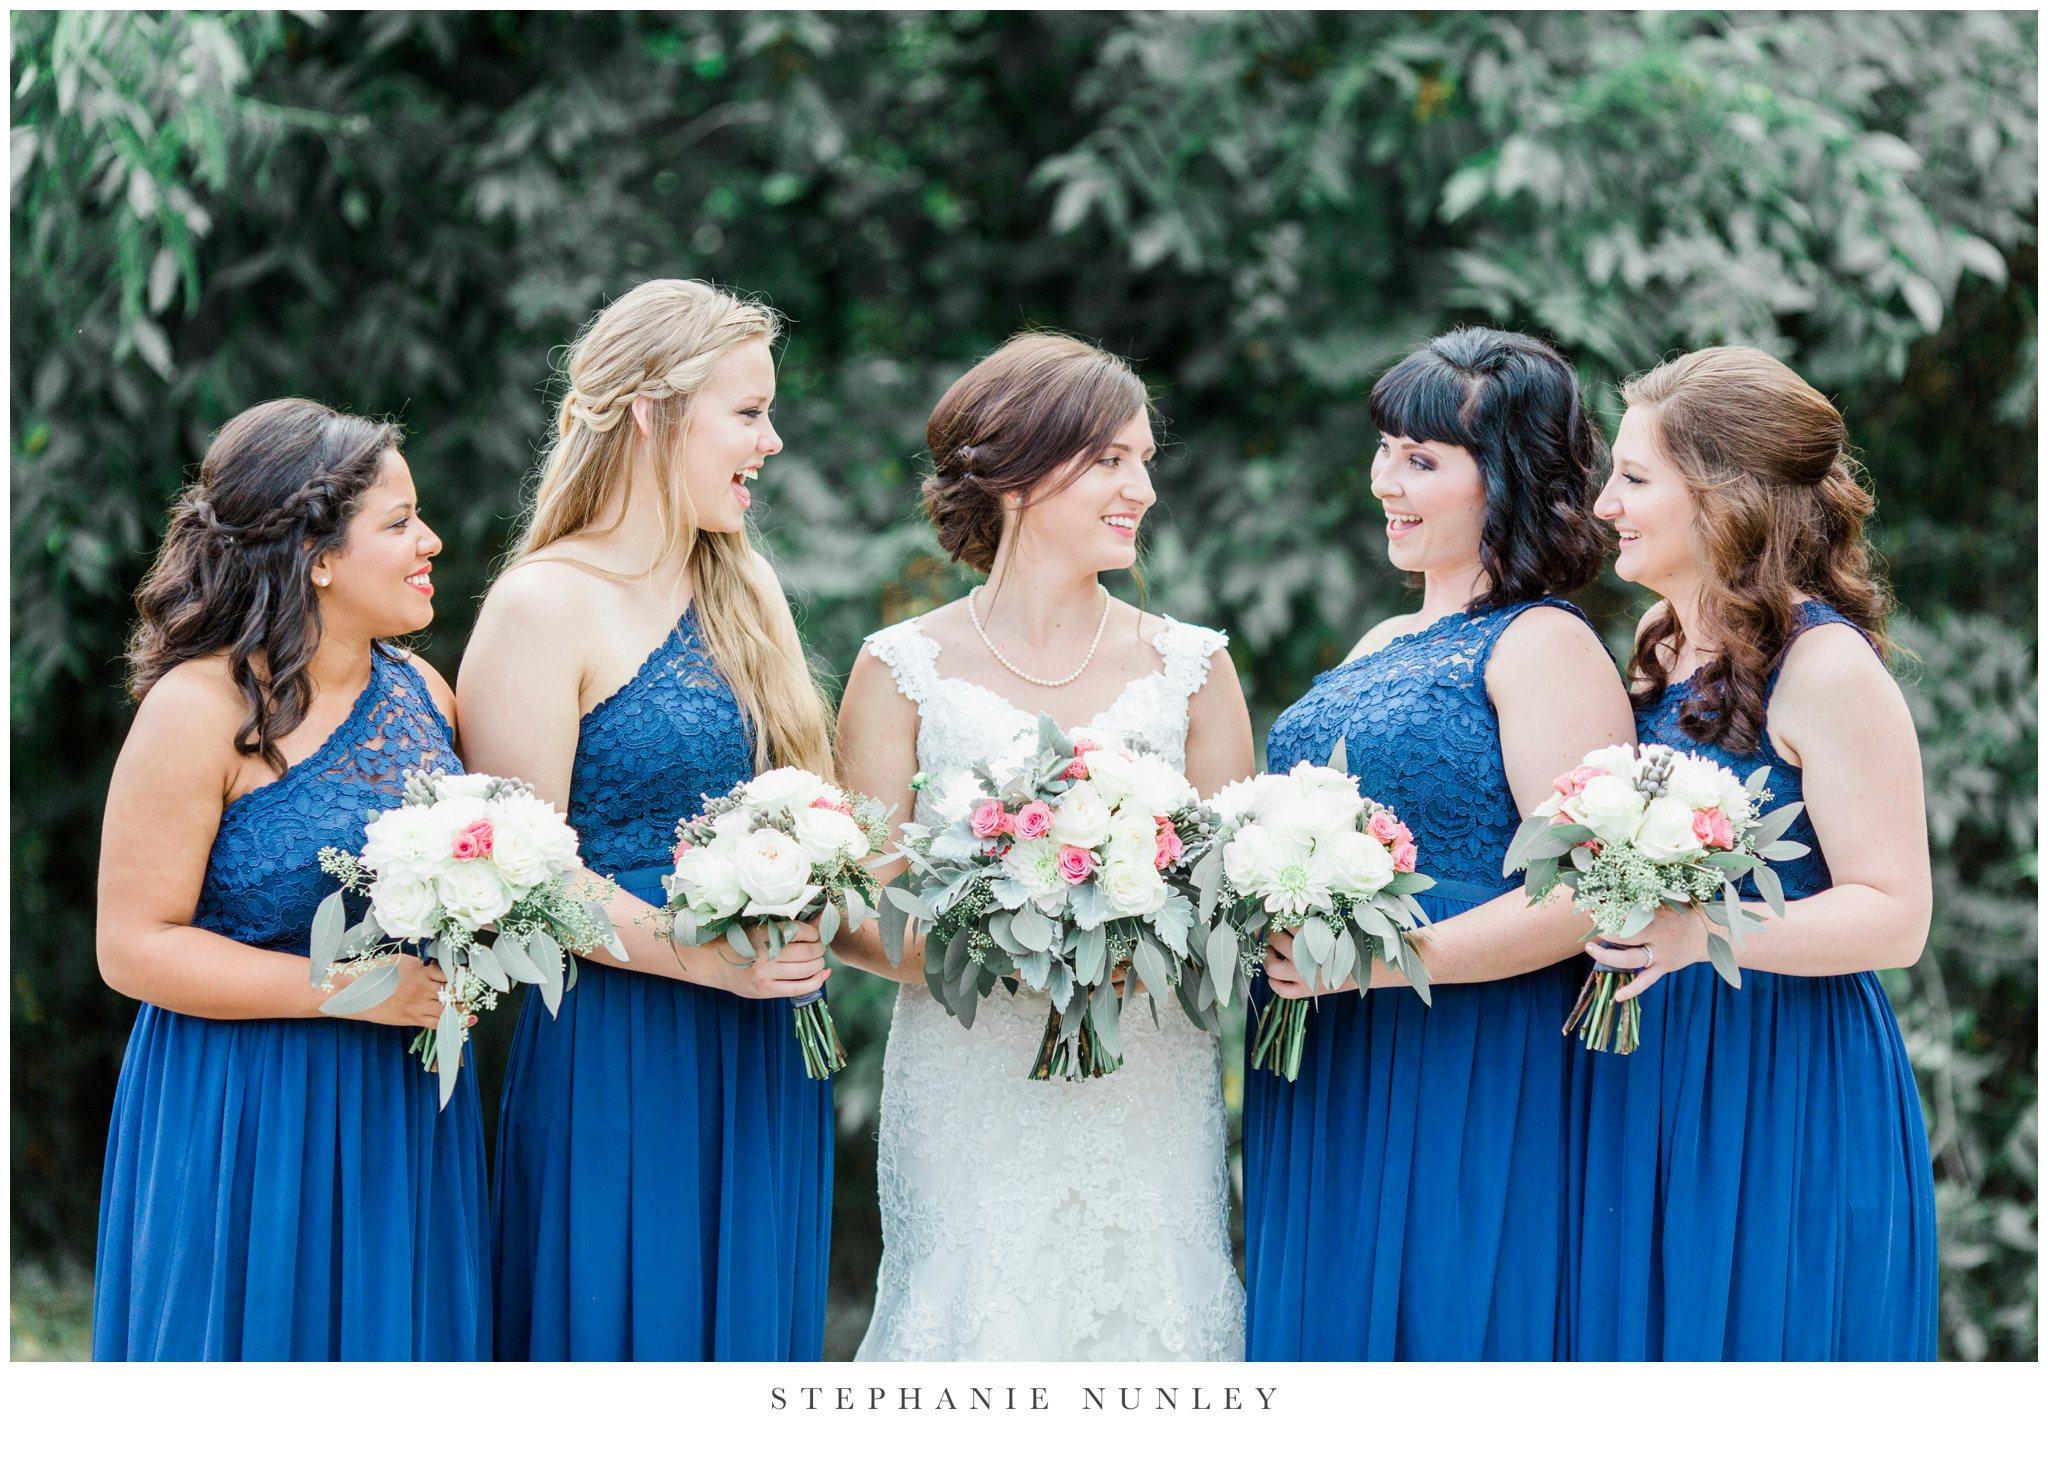 arkansas-outdoor-film-inspired-wedding-0049.jpg